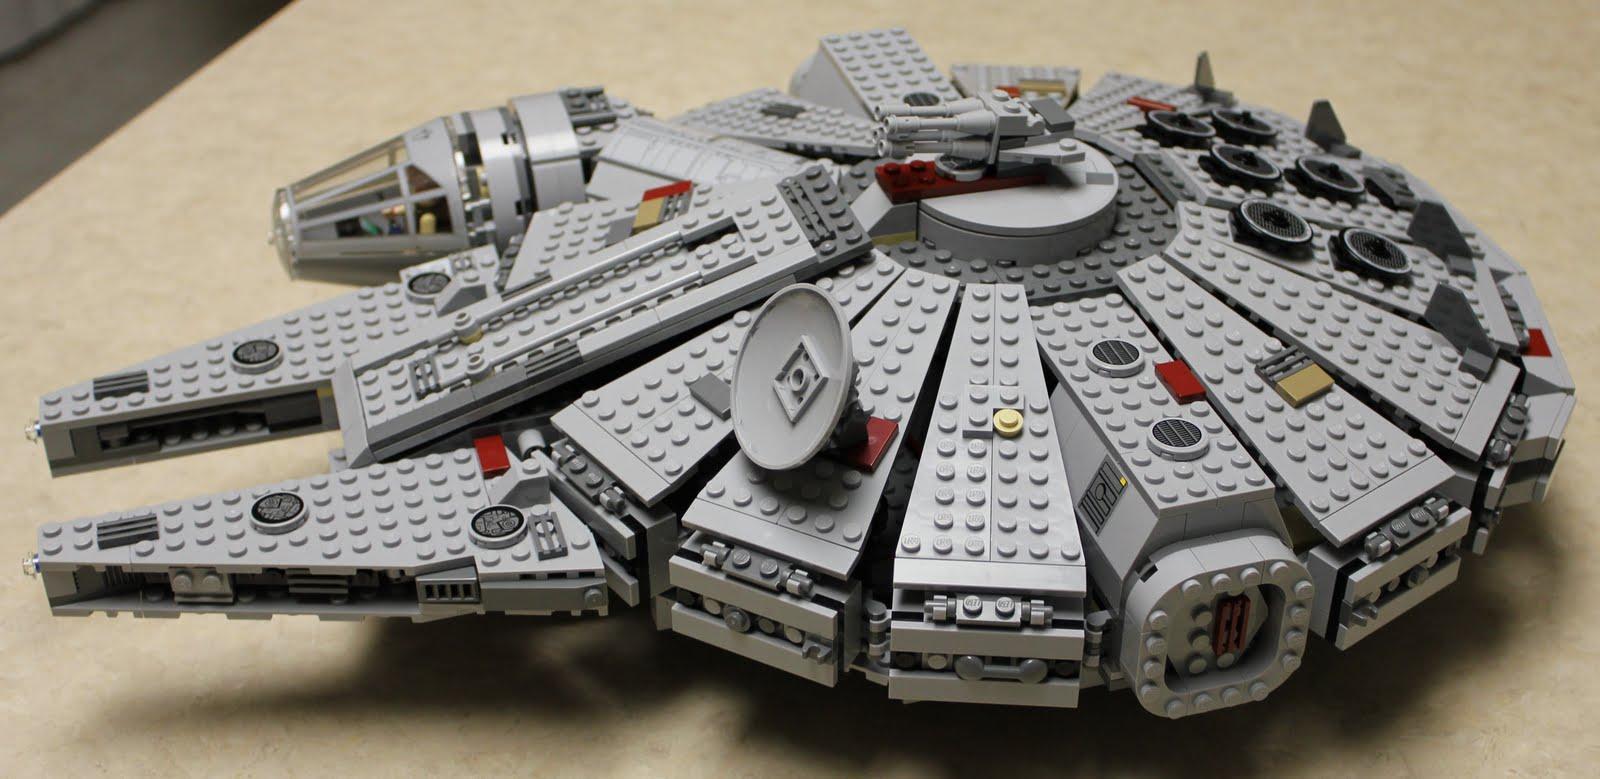 Lego Star Wars Millennium Falcon 2004 Lego star wars millennium